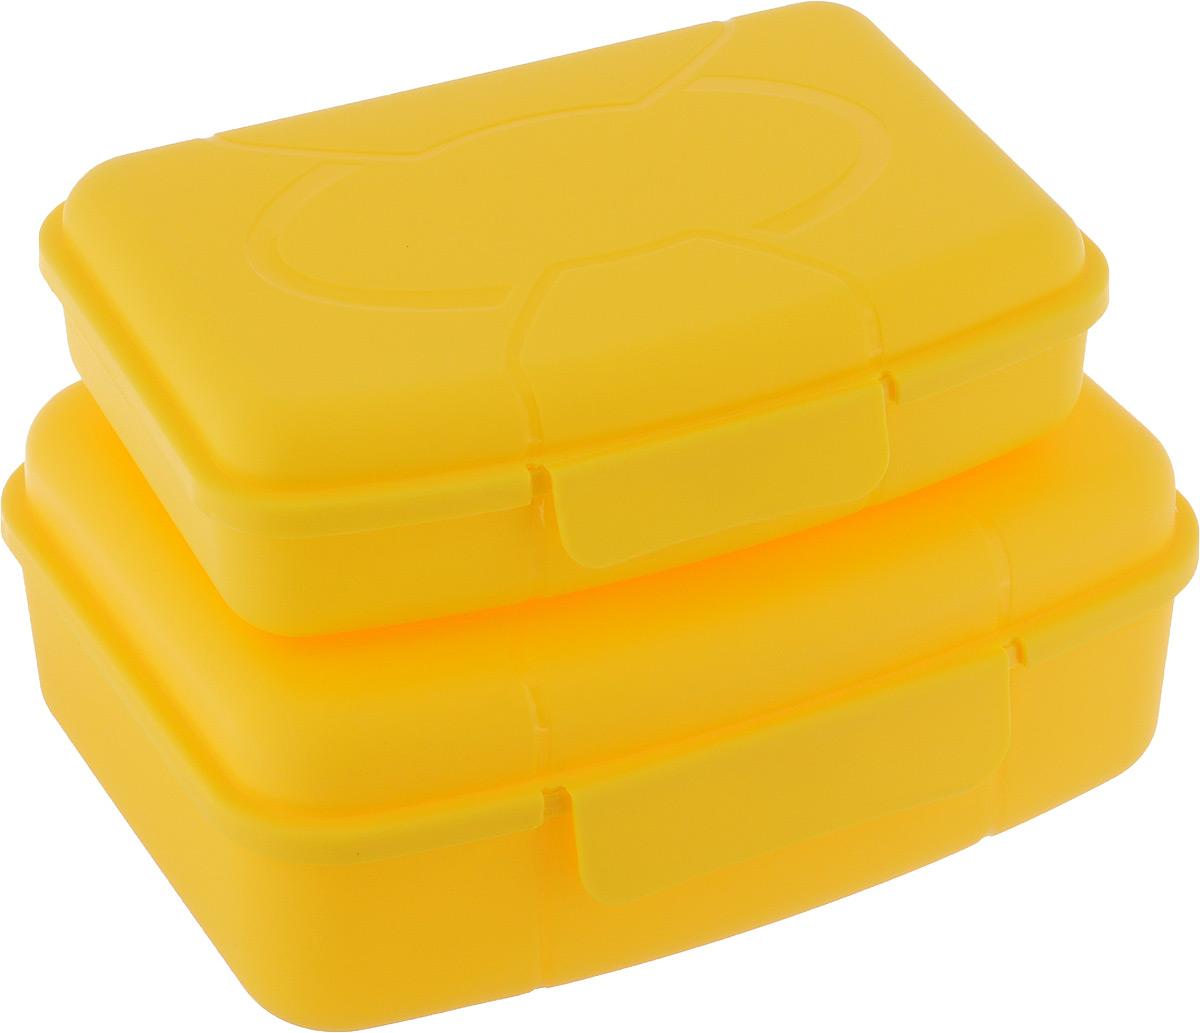 Набор ланч-боксов Полимербыт, цвет: желтый, 2 штSGHPBKP49Набор Полимербыт состоит из двух ланч-боксов разного объема, выполненных из высококачественного пластика, который выдерживает температуру от -40°С до +110°С. Изделие идеально подходит и для хранения и для транспортировки пищи. Ланч-боксы оснащены удобными плотно закрывающимися крышками с защелками. Можно мыть в посудомоечной машине и использовать в микроволновой печи. Объемы ланч-боксов: 0,42; 0,98 л. Размеры ланч-боксов: 18 х 13 х 6,5 см; 16 х 10,5 х 4 см.